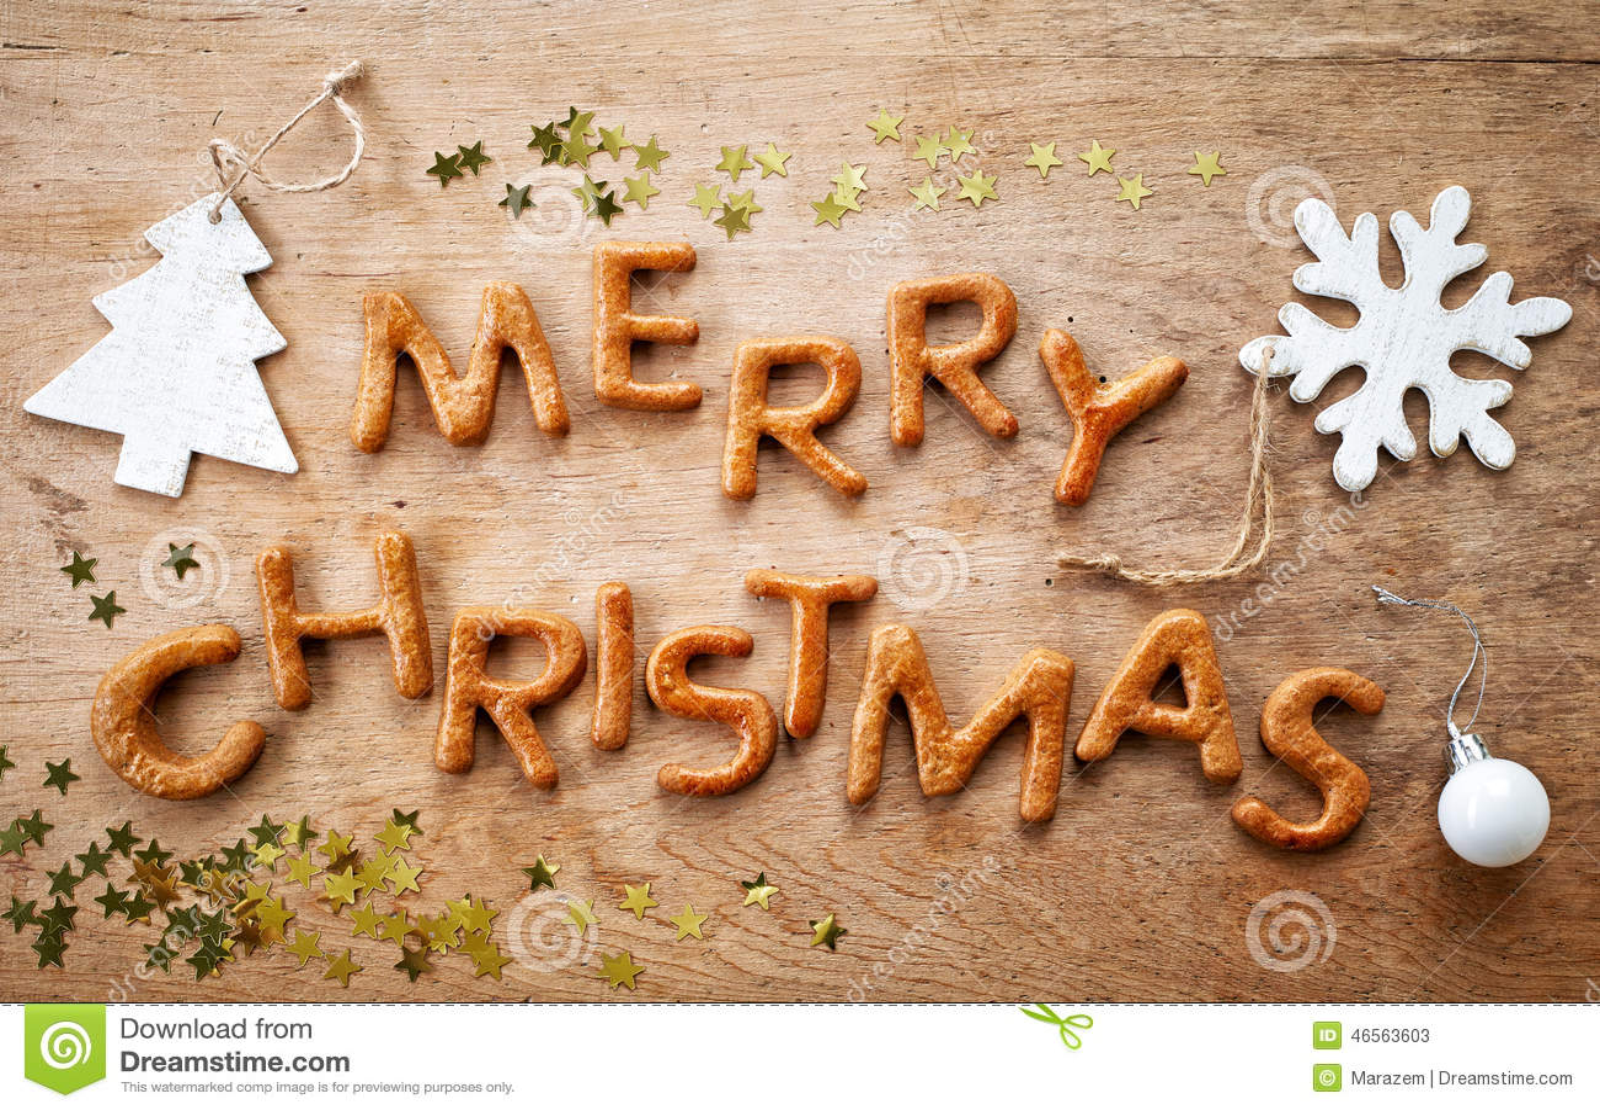 lebkuchen fasst frohe weihnachten ab stockbild bild von. Black Bedroom Furniture Sets. Home Design Ideas